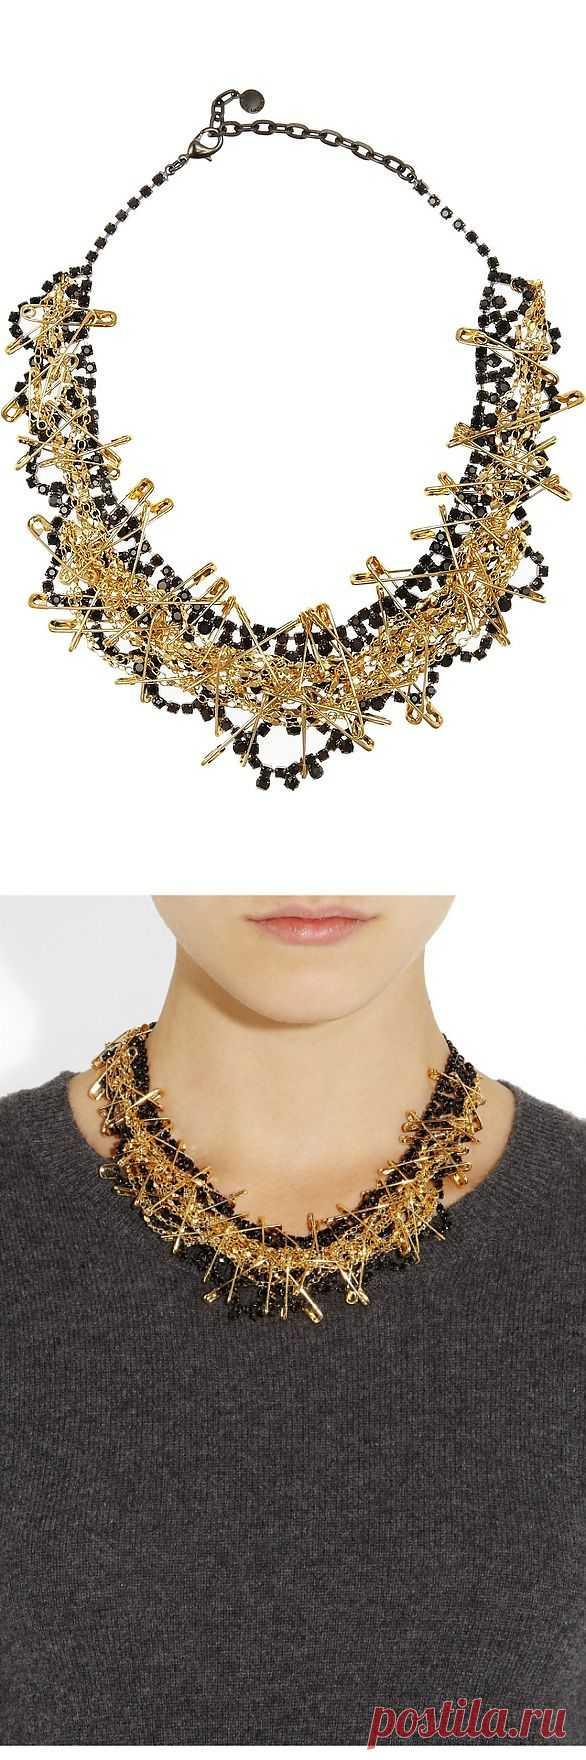 Колье из золотых булавок / Ювелирные украшения / Модный сайт о стильной переделке одежды и интерьера